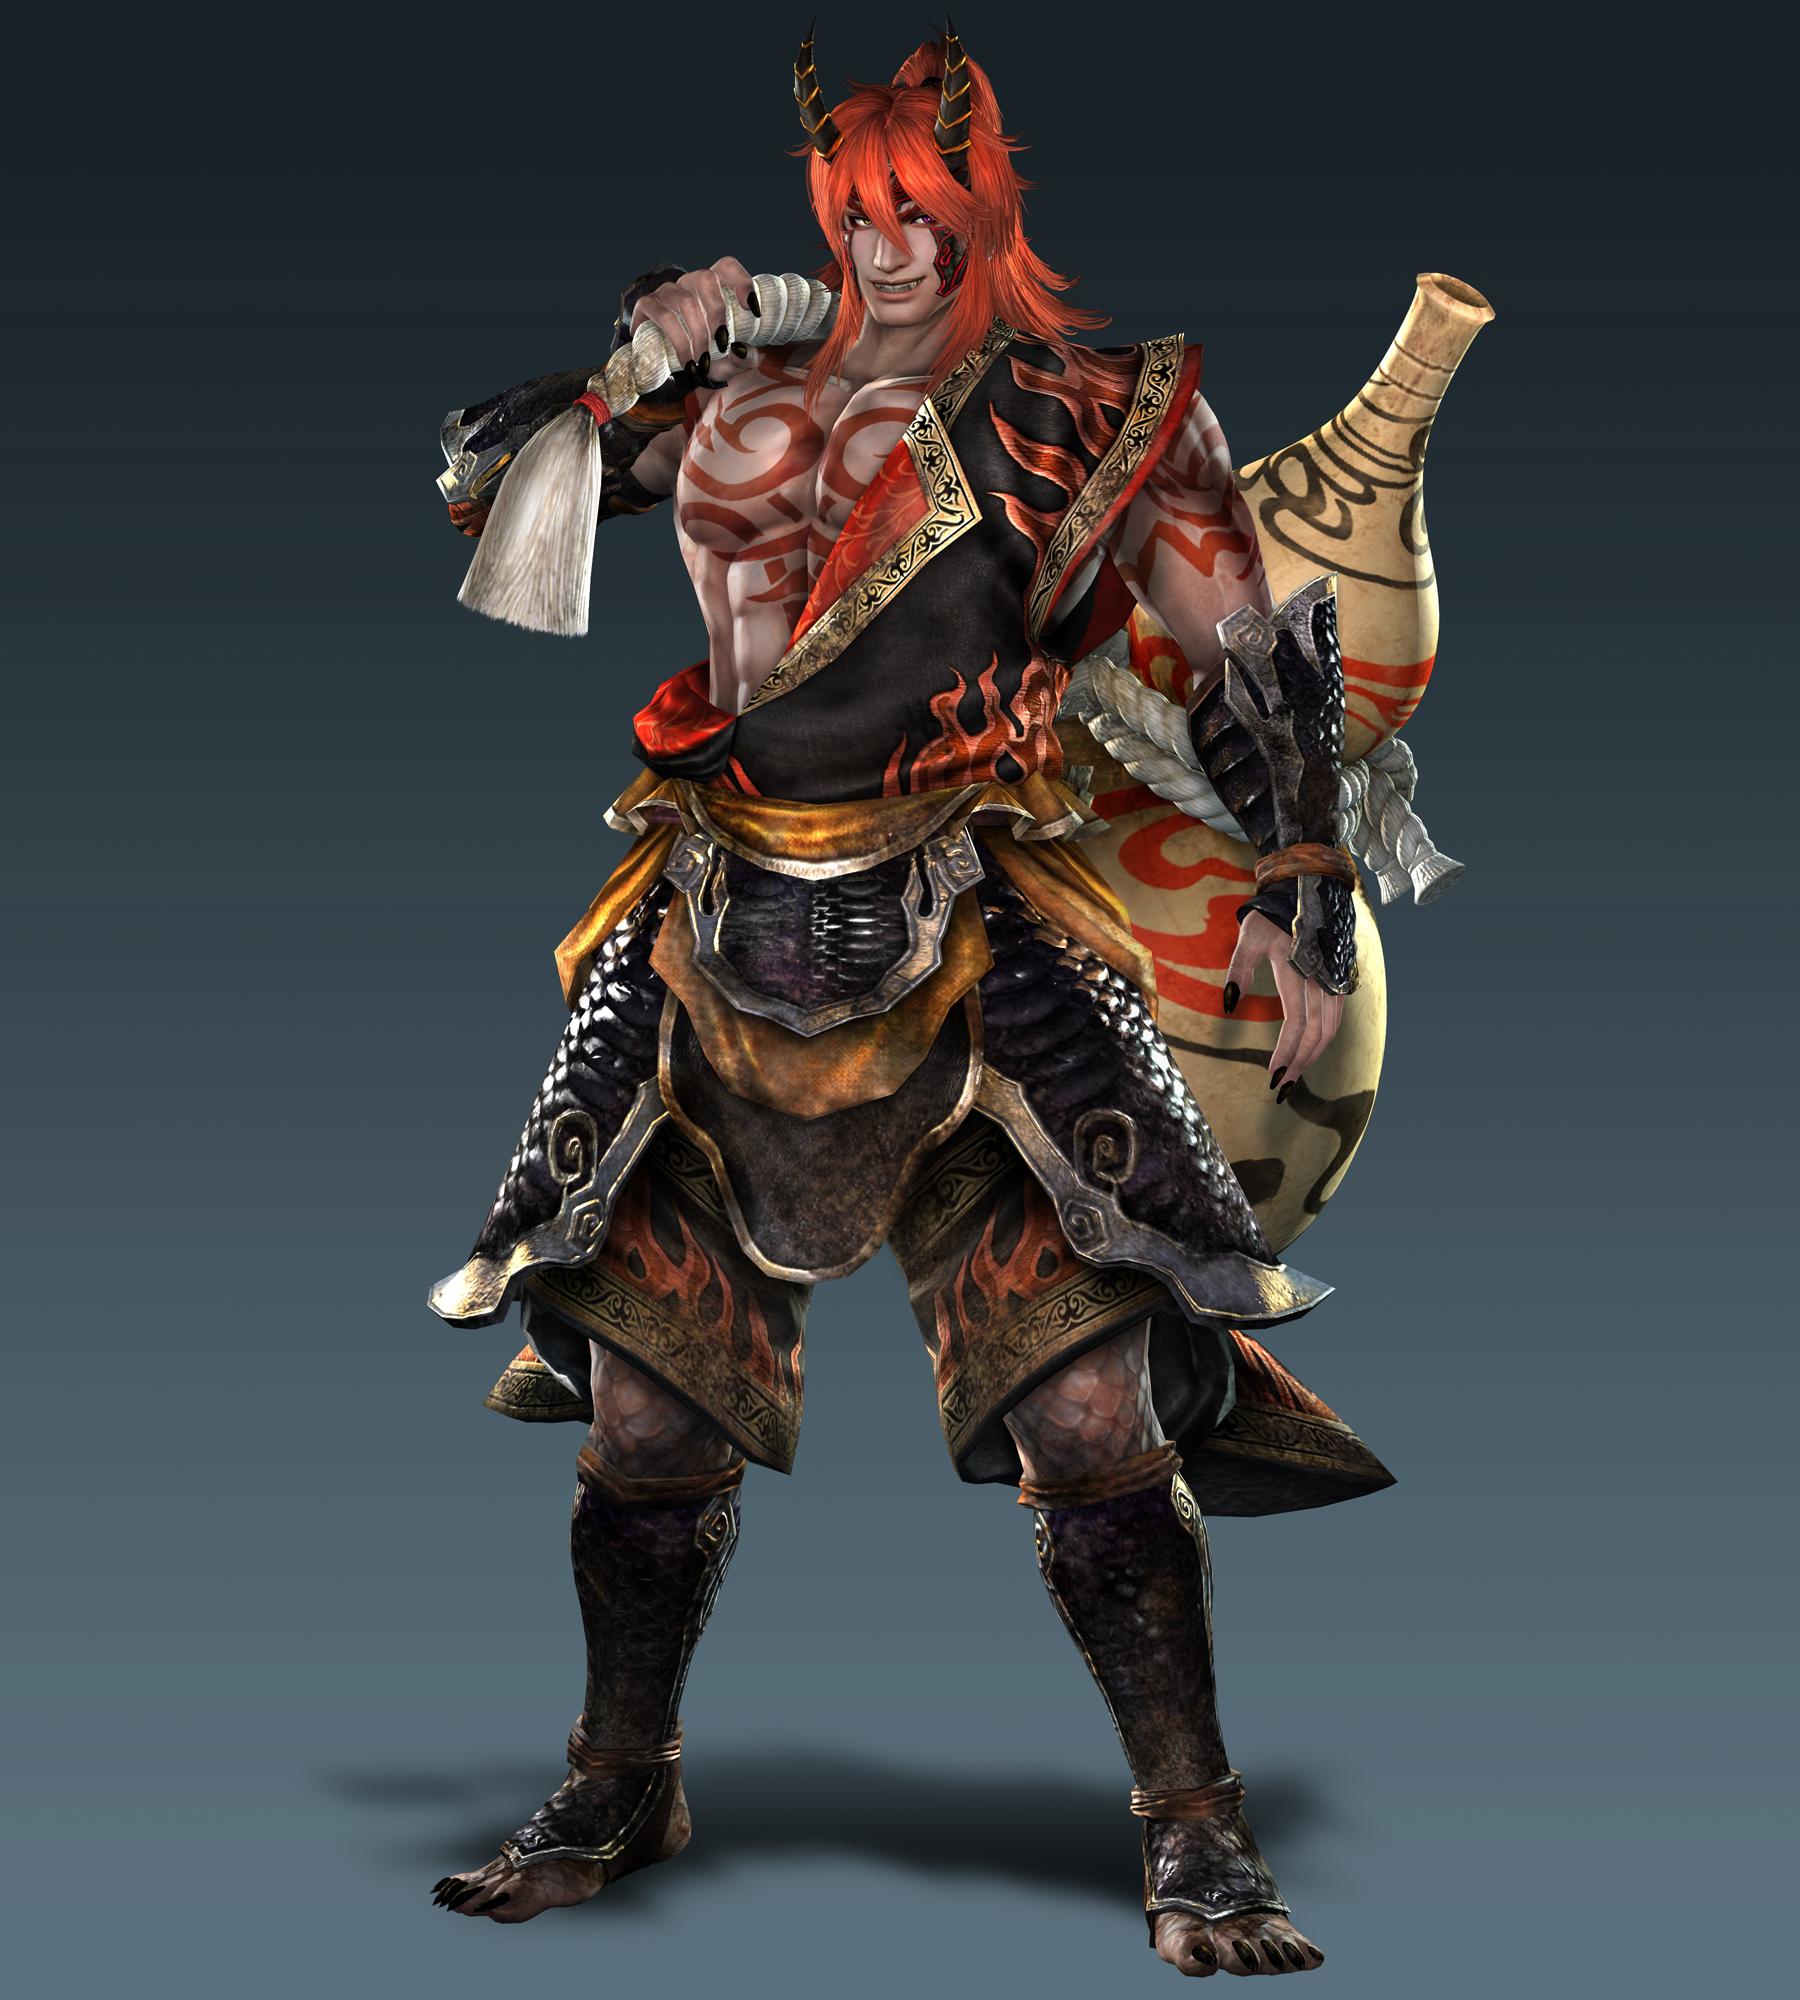 Ultimate Warriors Orochi 3 Cutscenes: Warriors Orochi 3